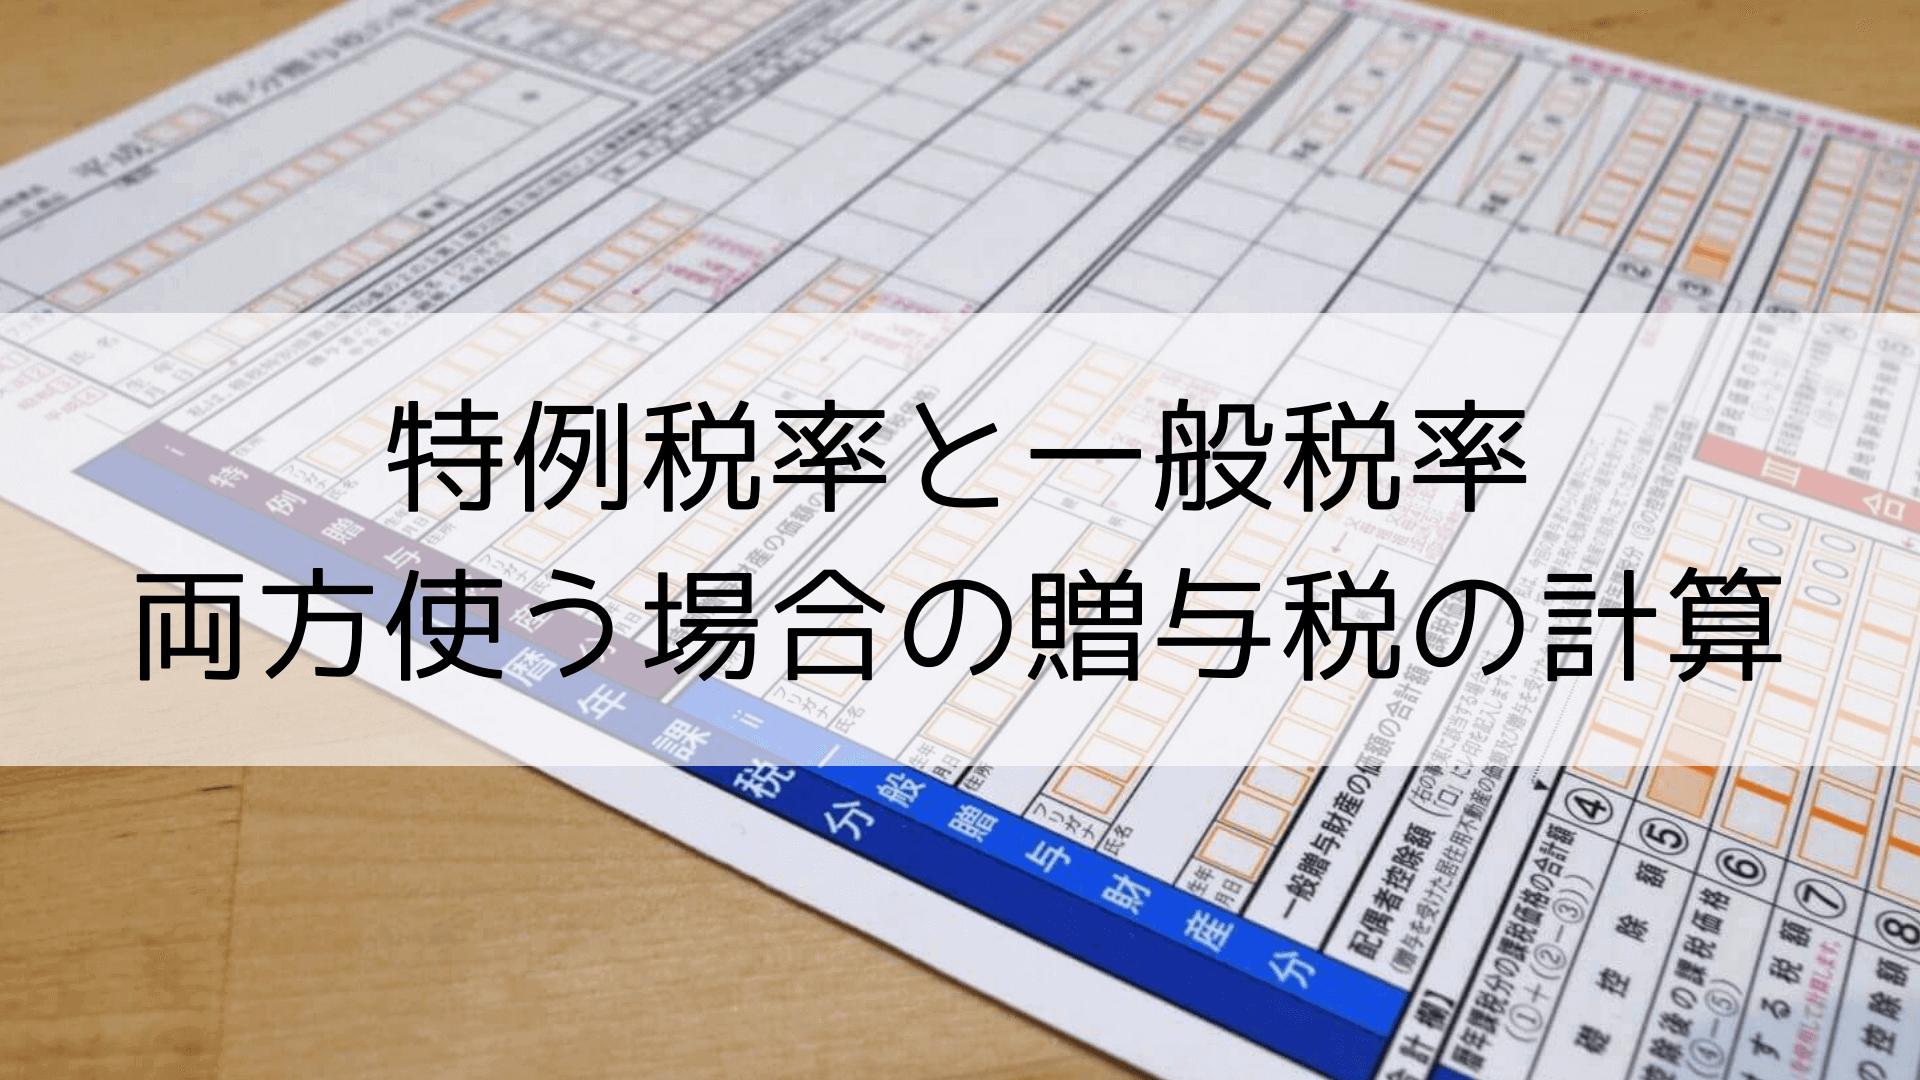 特例税率と一般税率 両方使う場合の贈与税の計算